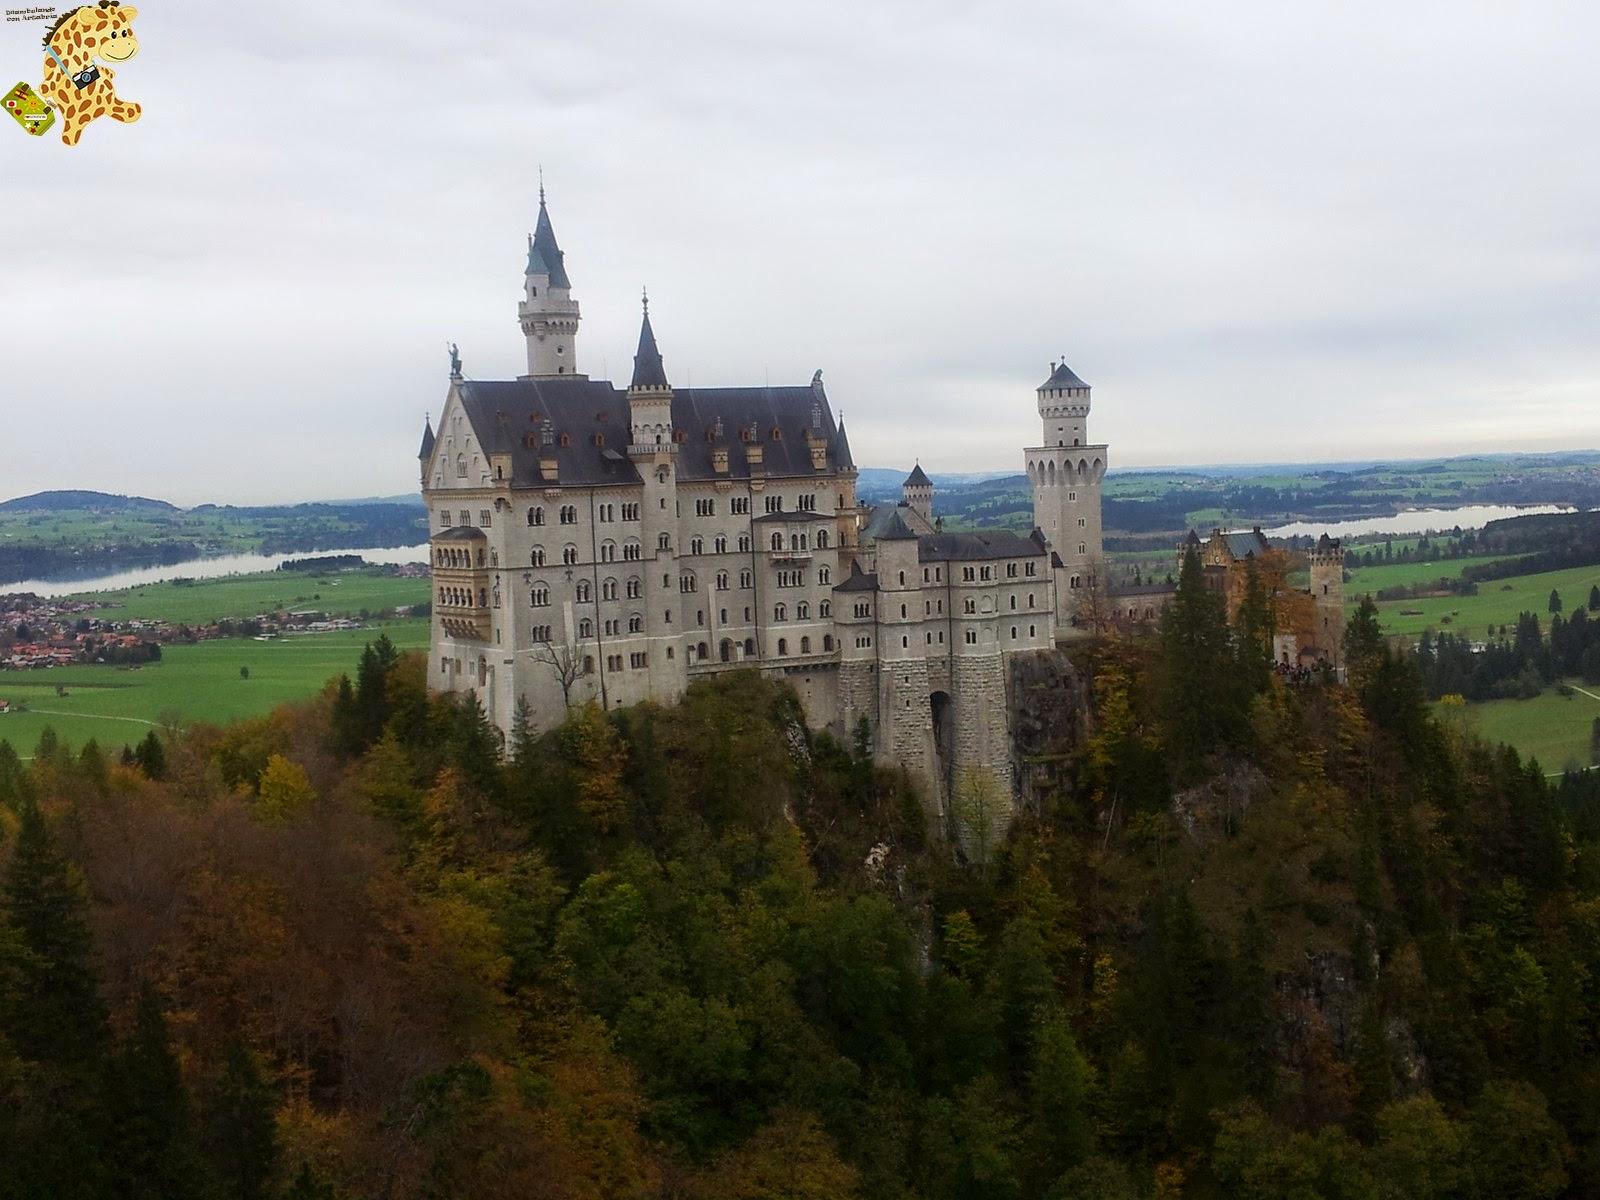 Qué ver en Baviera en 3 días?